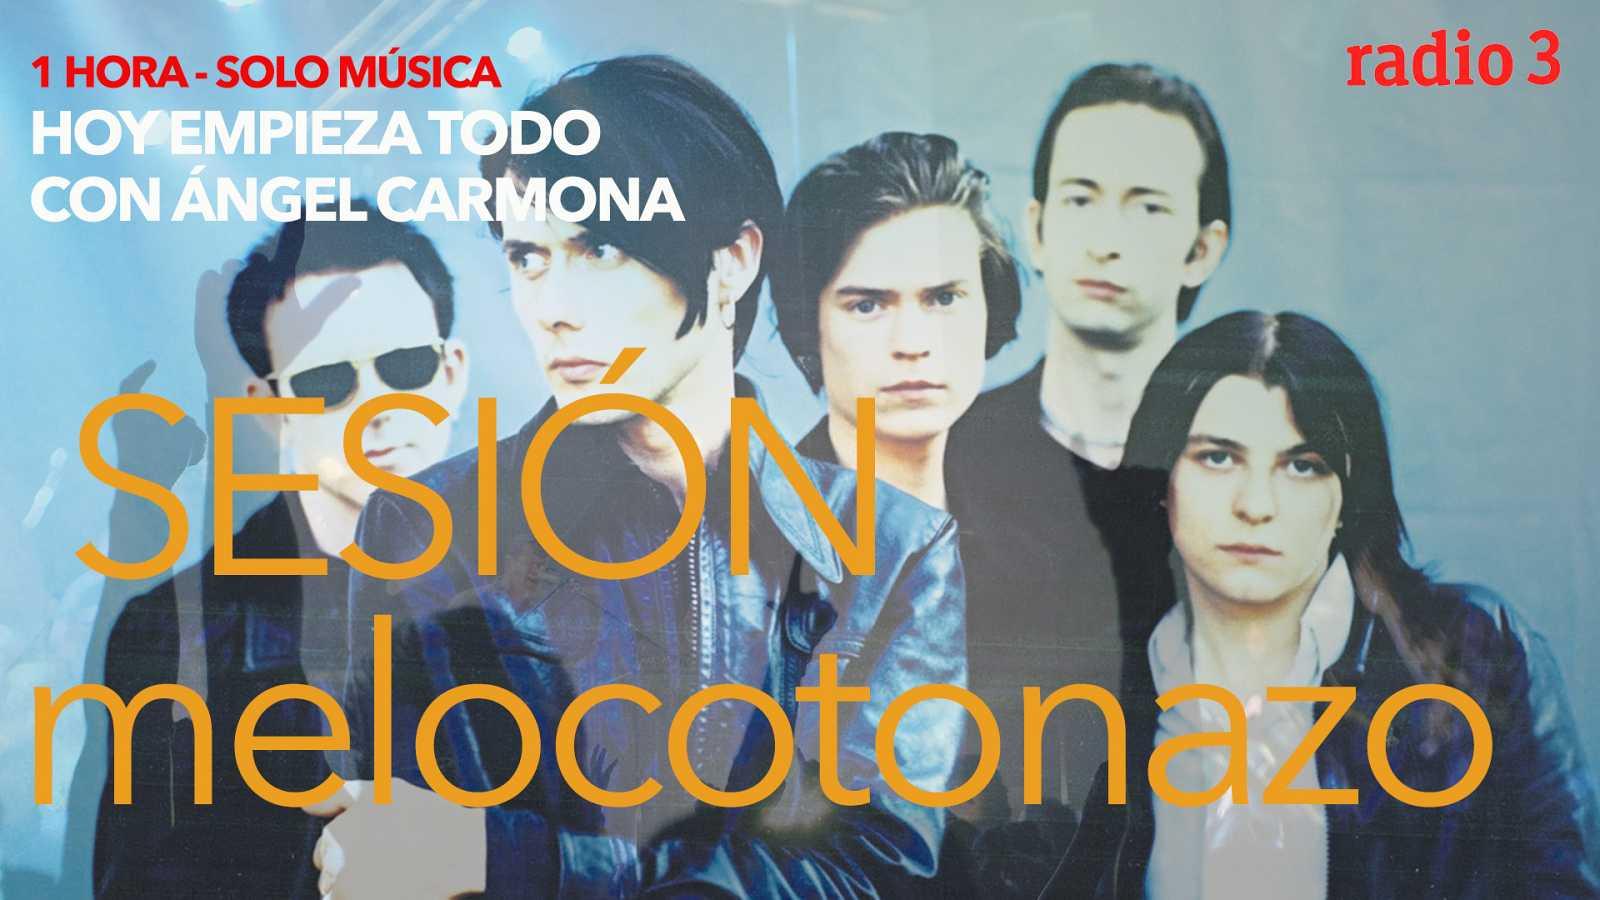 Hoy empieza todo con Ángel Carmona - #SesiónMelocotonazo: Massive Attack, Suede, Blur... - 21/01/21 - escuchar ahora